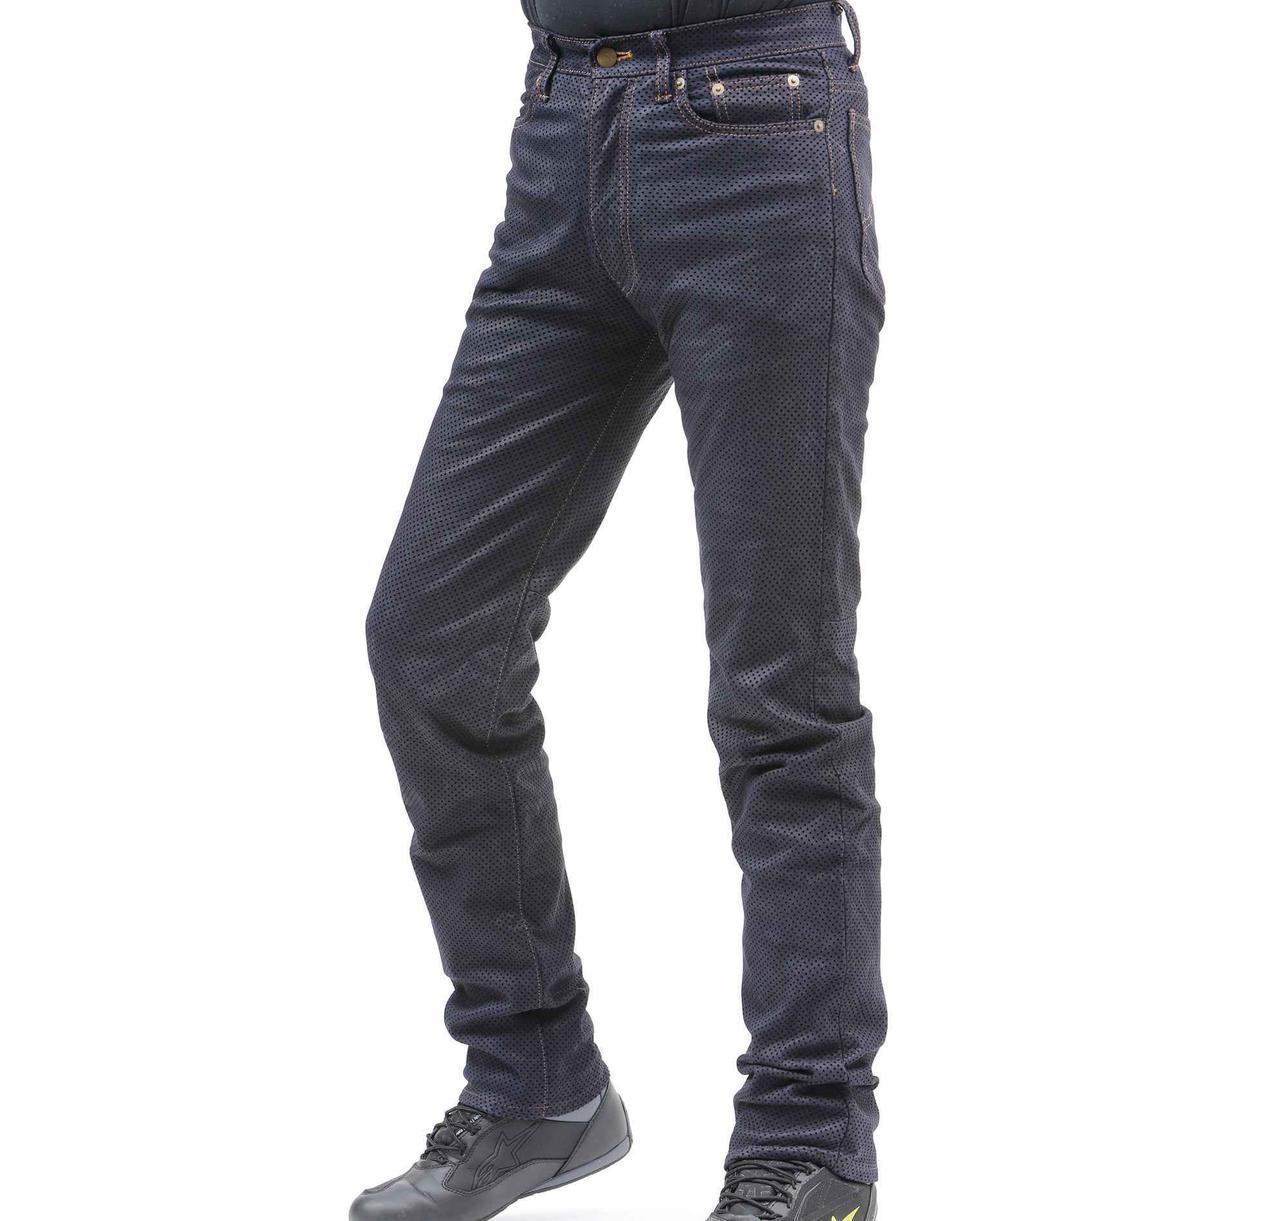 画像: 見た目はデニム、実は革。クシタニのロングセラー・ライディングパンツ「エクスプローラージーンズ」をテスト&レポート - webオートバイ